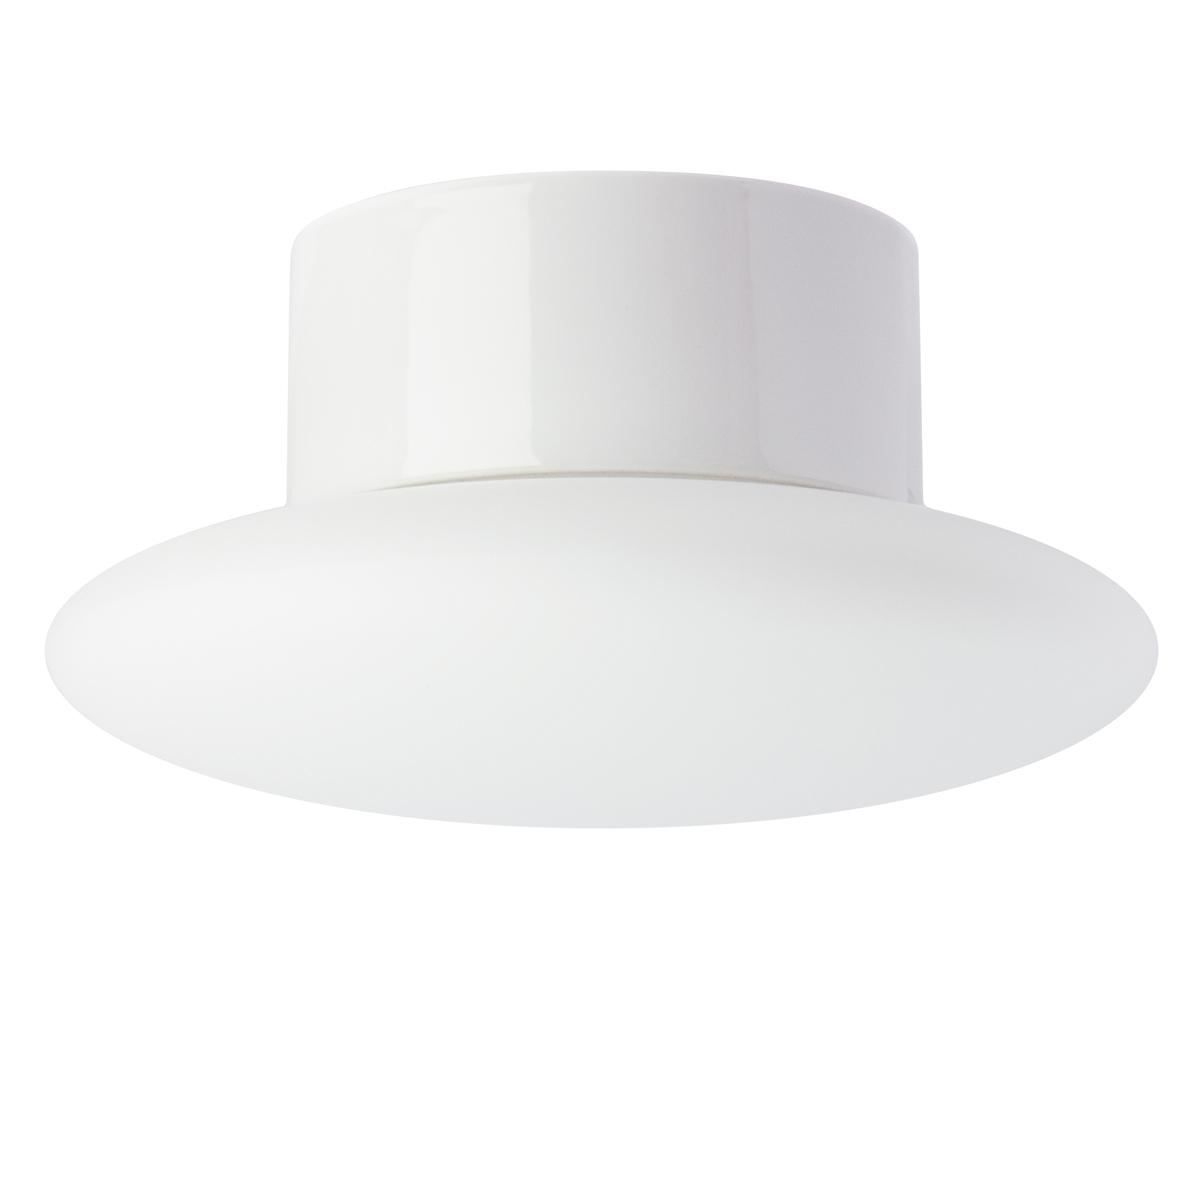 Plafonnier salle de bain lumiere du jour for Lampe salle de bain